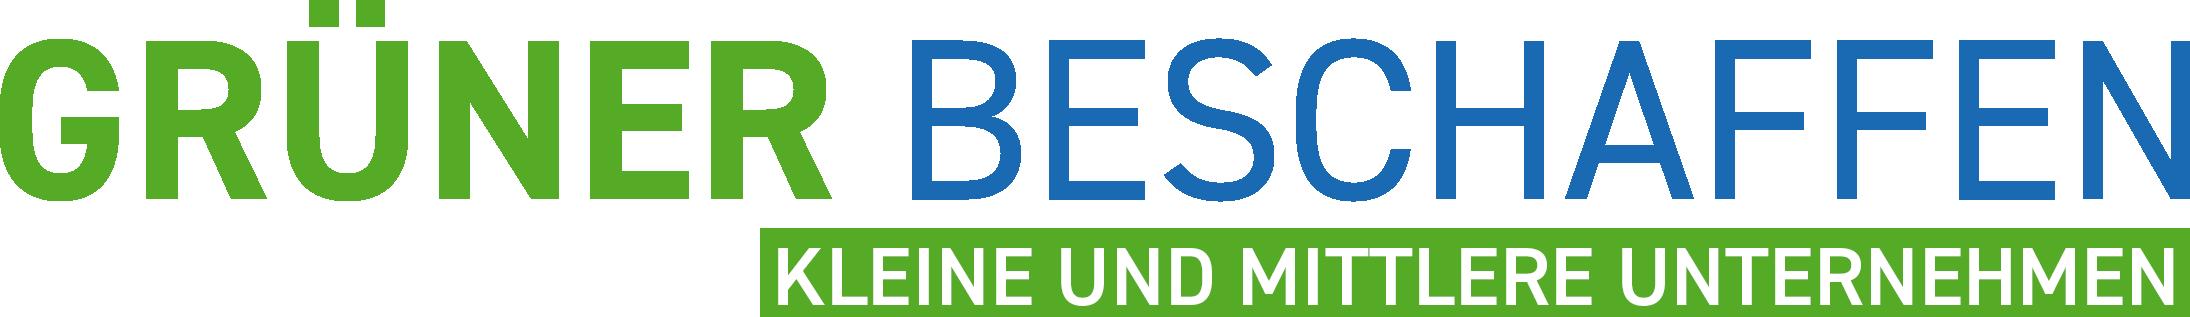 Logo Grüner beschaffen